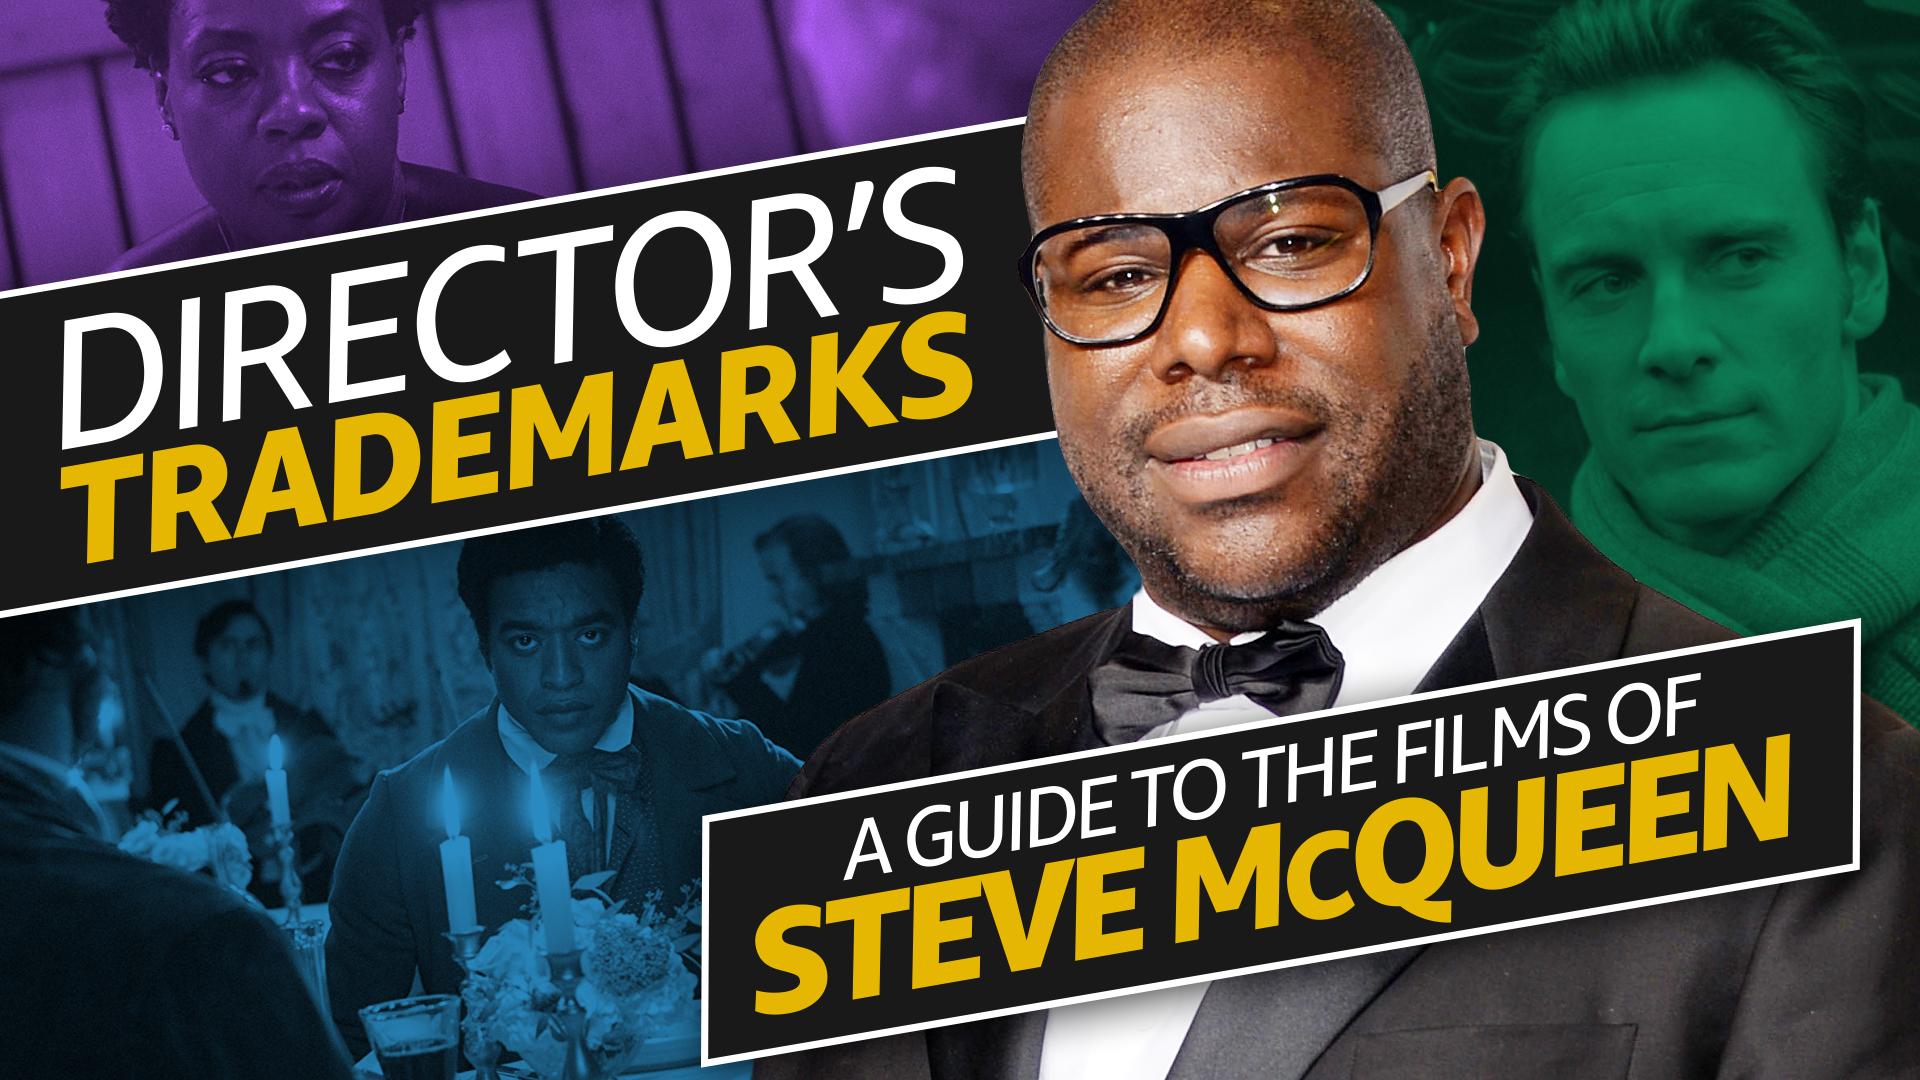 ผลการค้นหารูปภาพสำหรับ steve mcqueen director